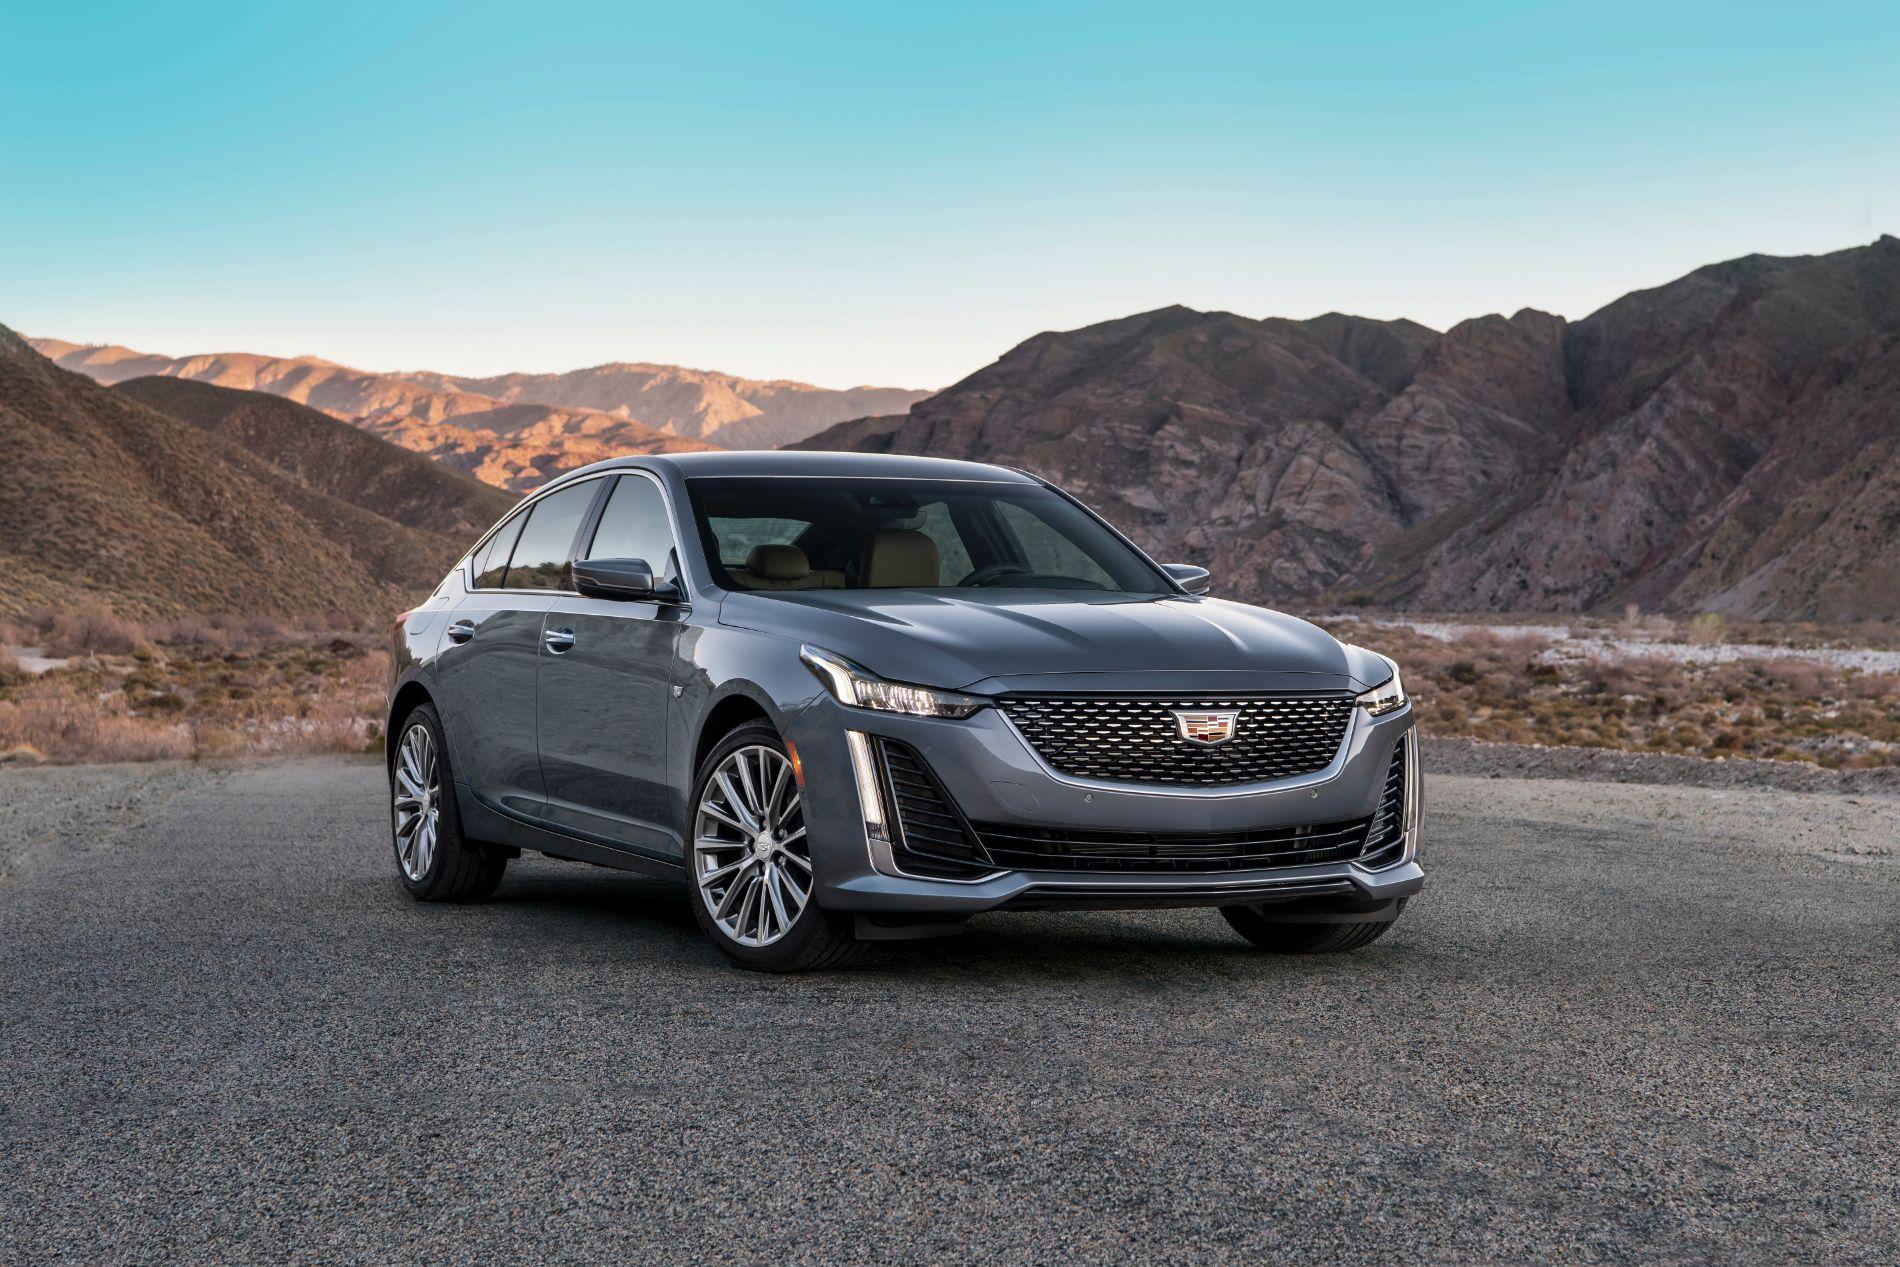 2020-Cadillac-CT5-PremiumLuxury-053